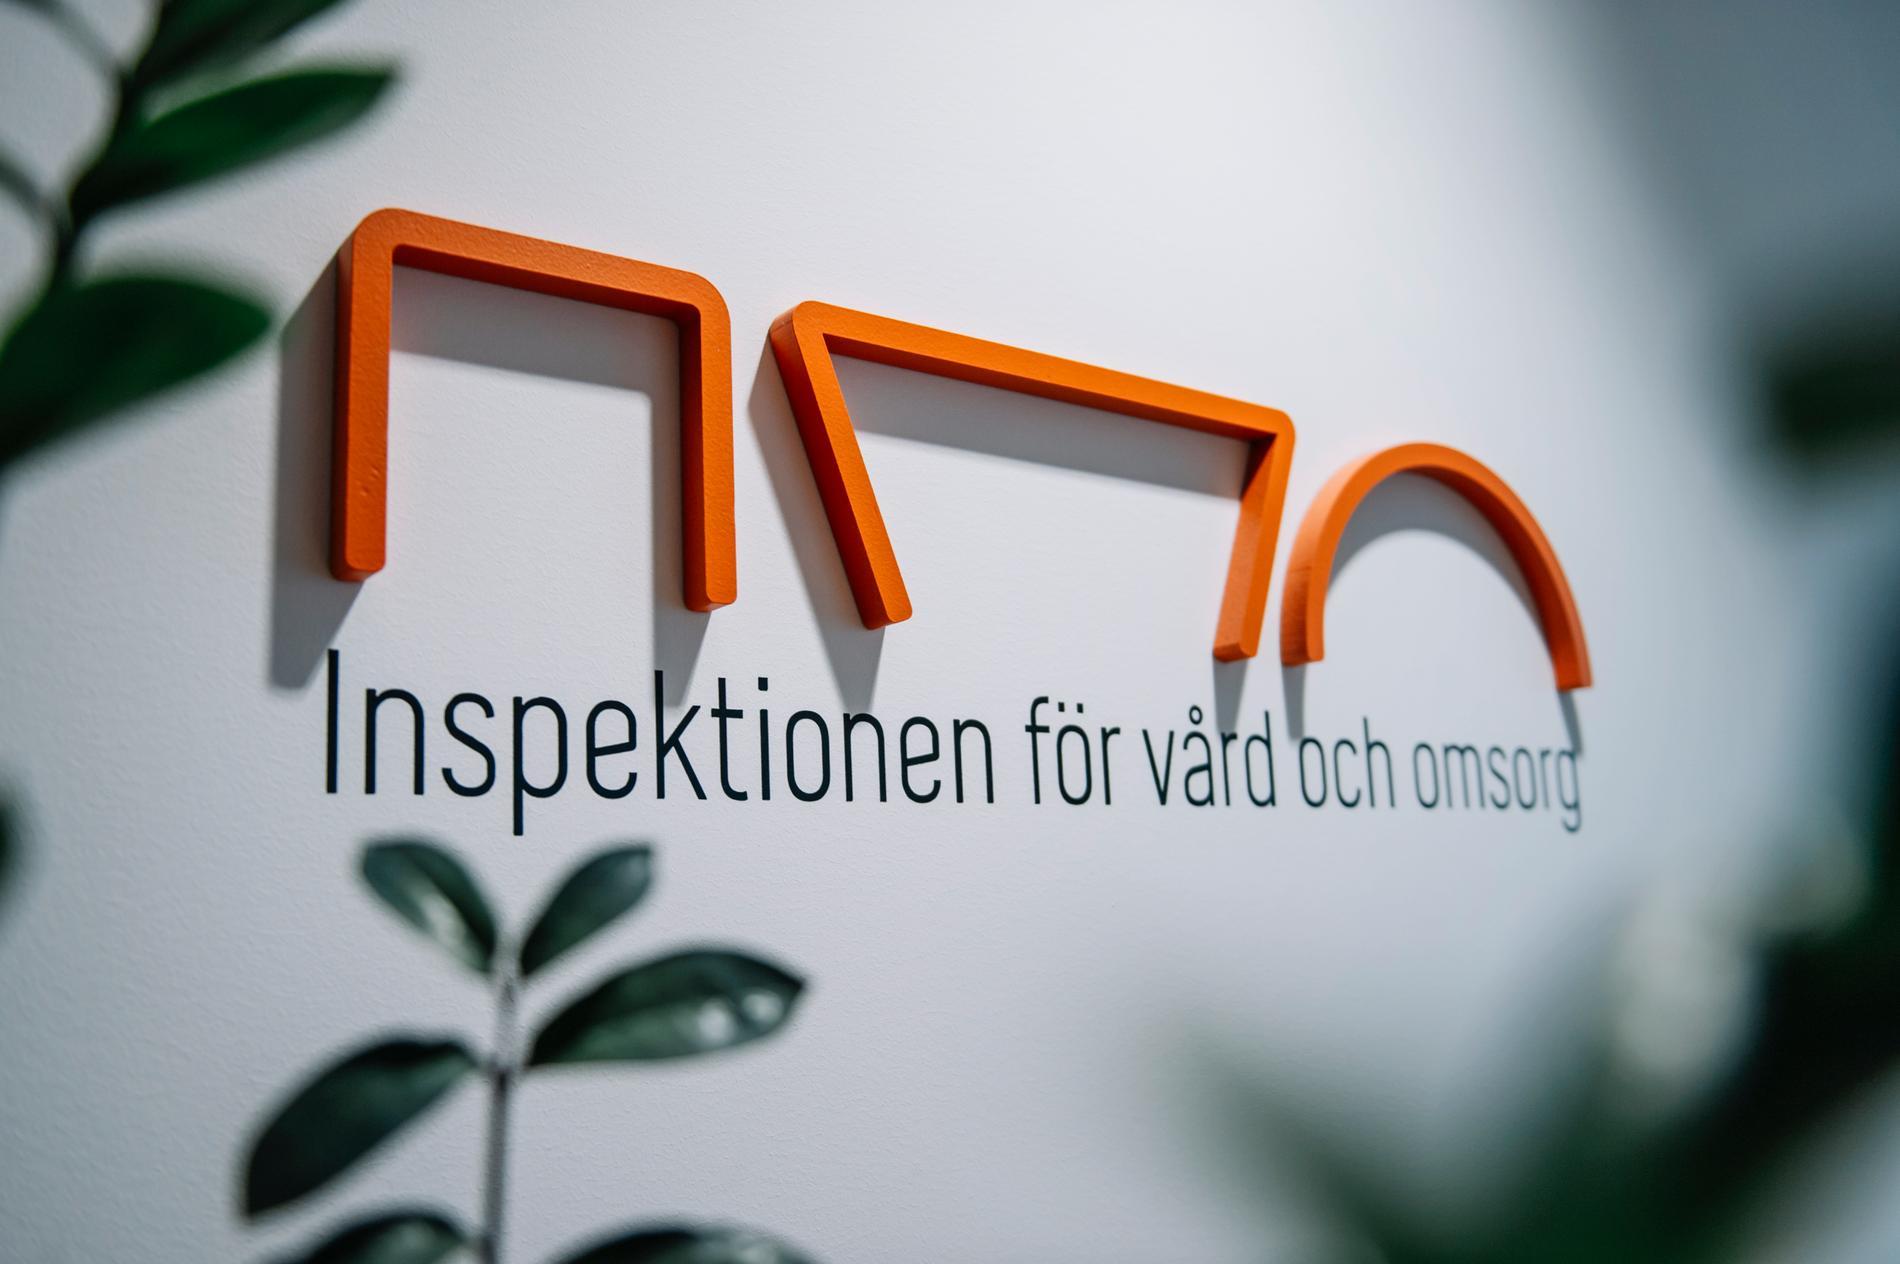 Efter en oanmäld inspektion har Inspektionen för vård och omsorg beslutat att stänga två HVB-hem i Skåne. Arkivbild.